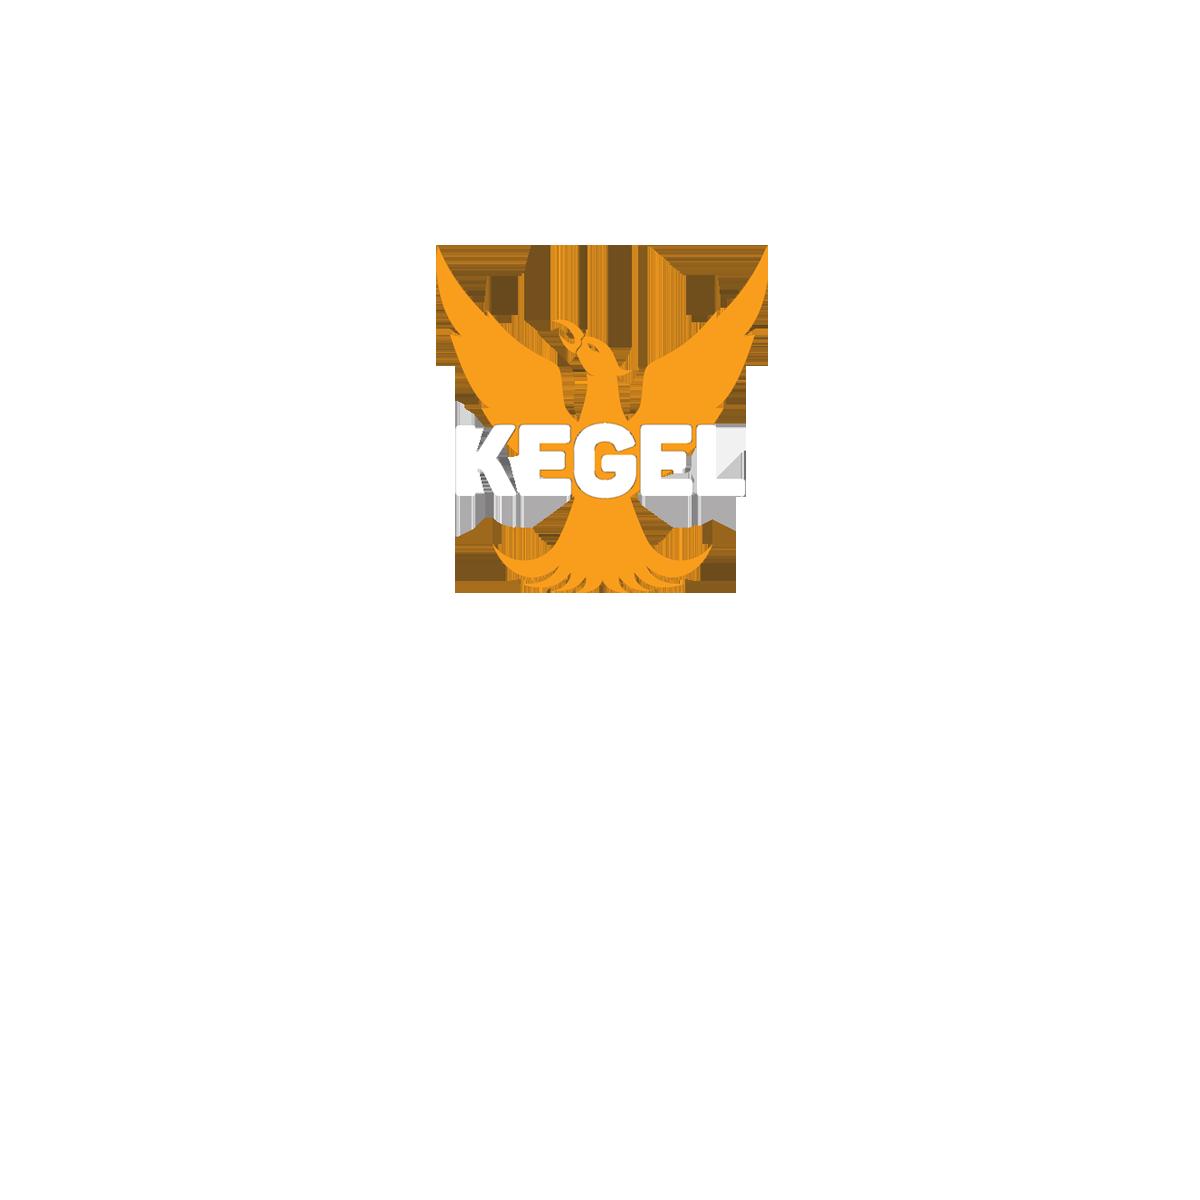 https://www.kegelgear.com/lowres/raw/KEGSP9[G500].png